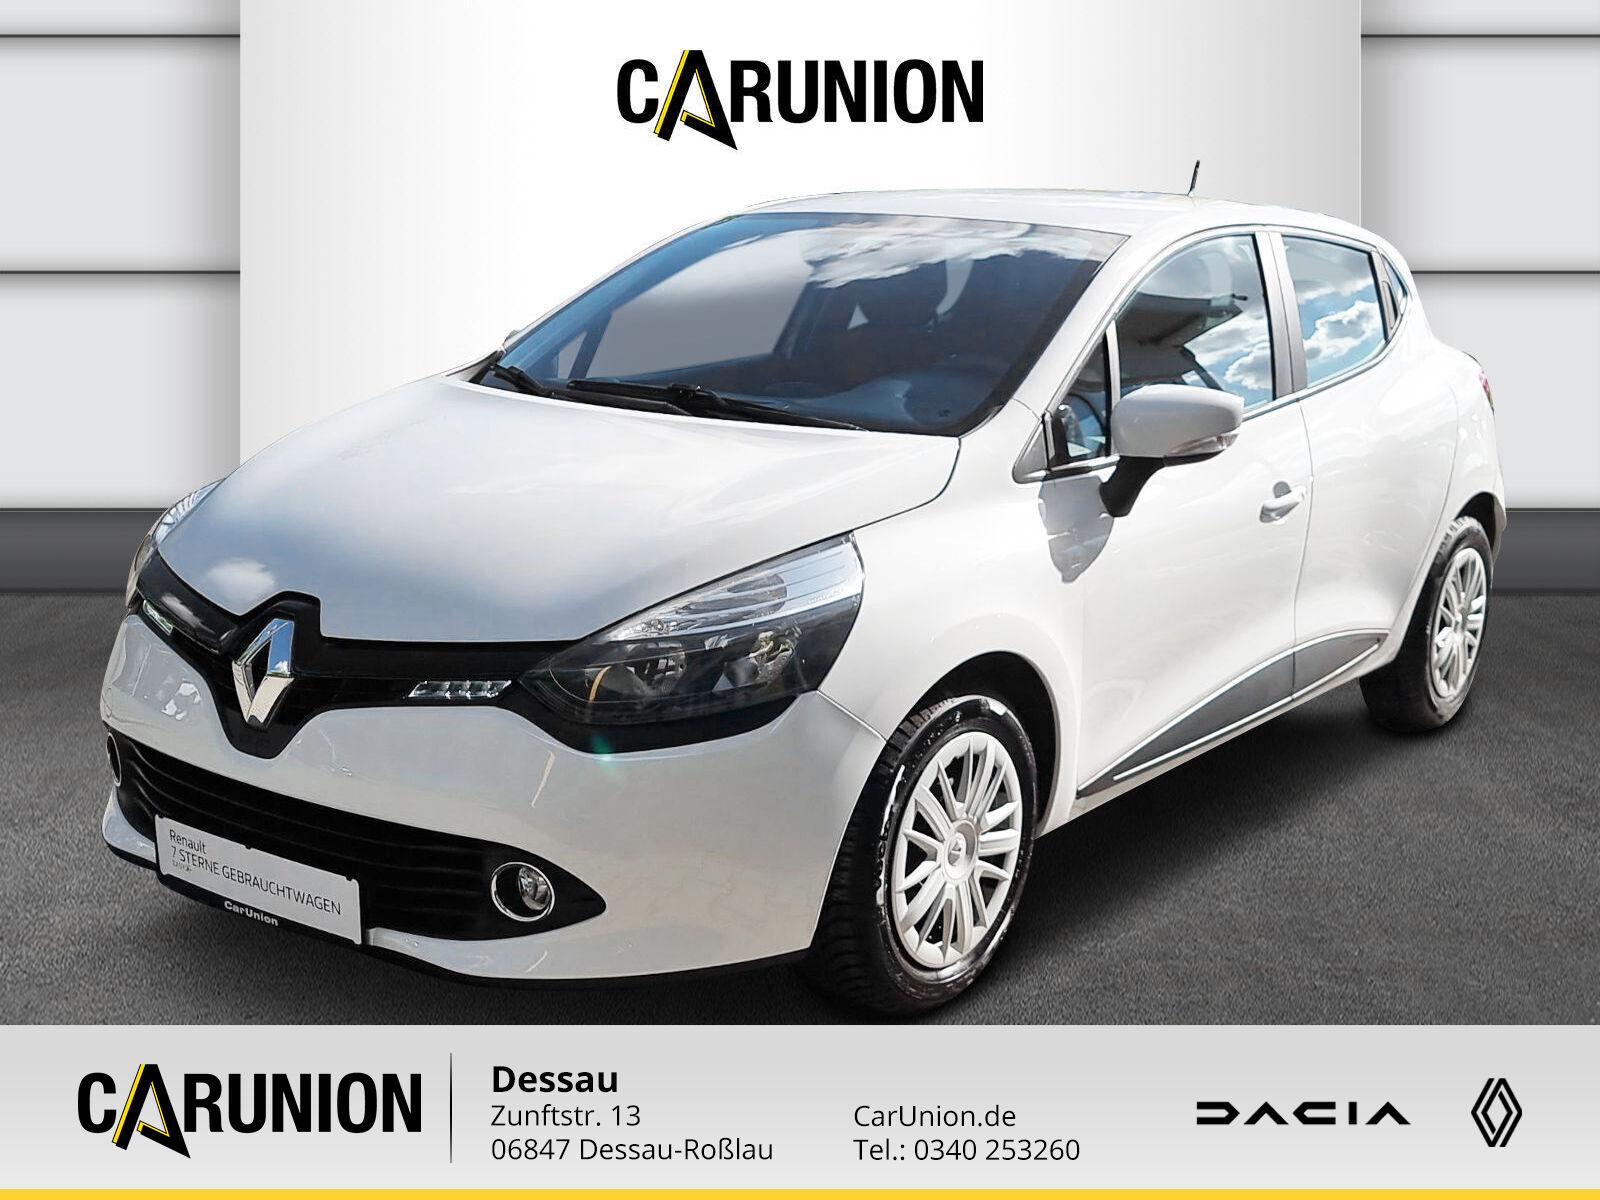 Renault Clio Expression 1.2 16V Allwetter Zahnriemen Neu, Jahr 2014, Benzin